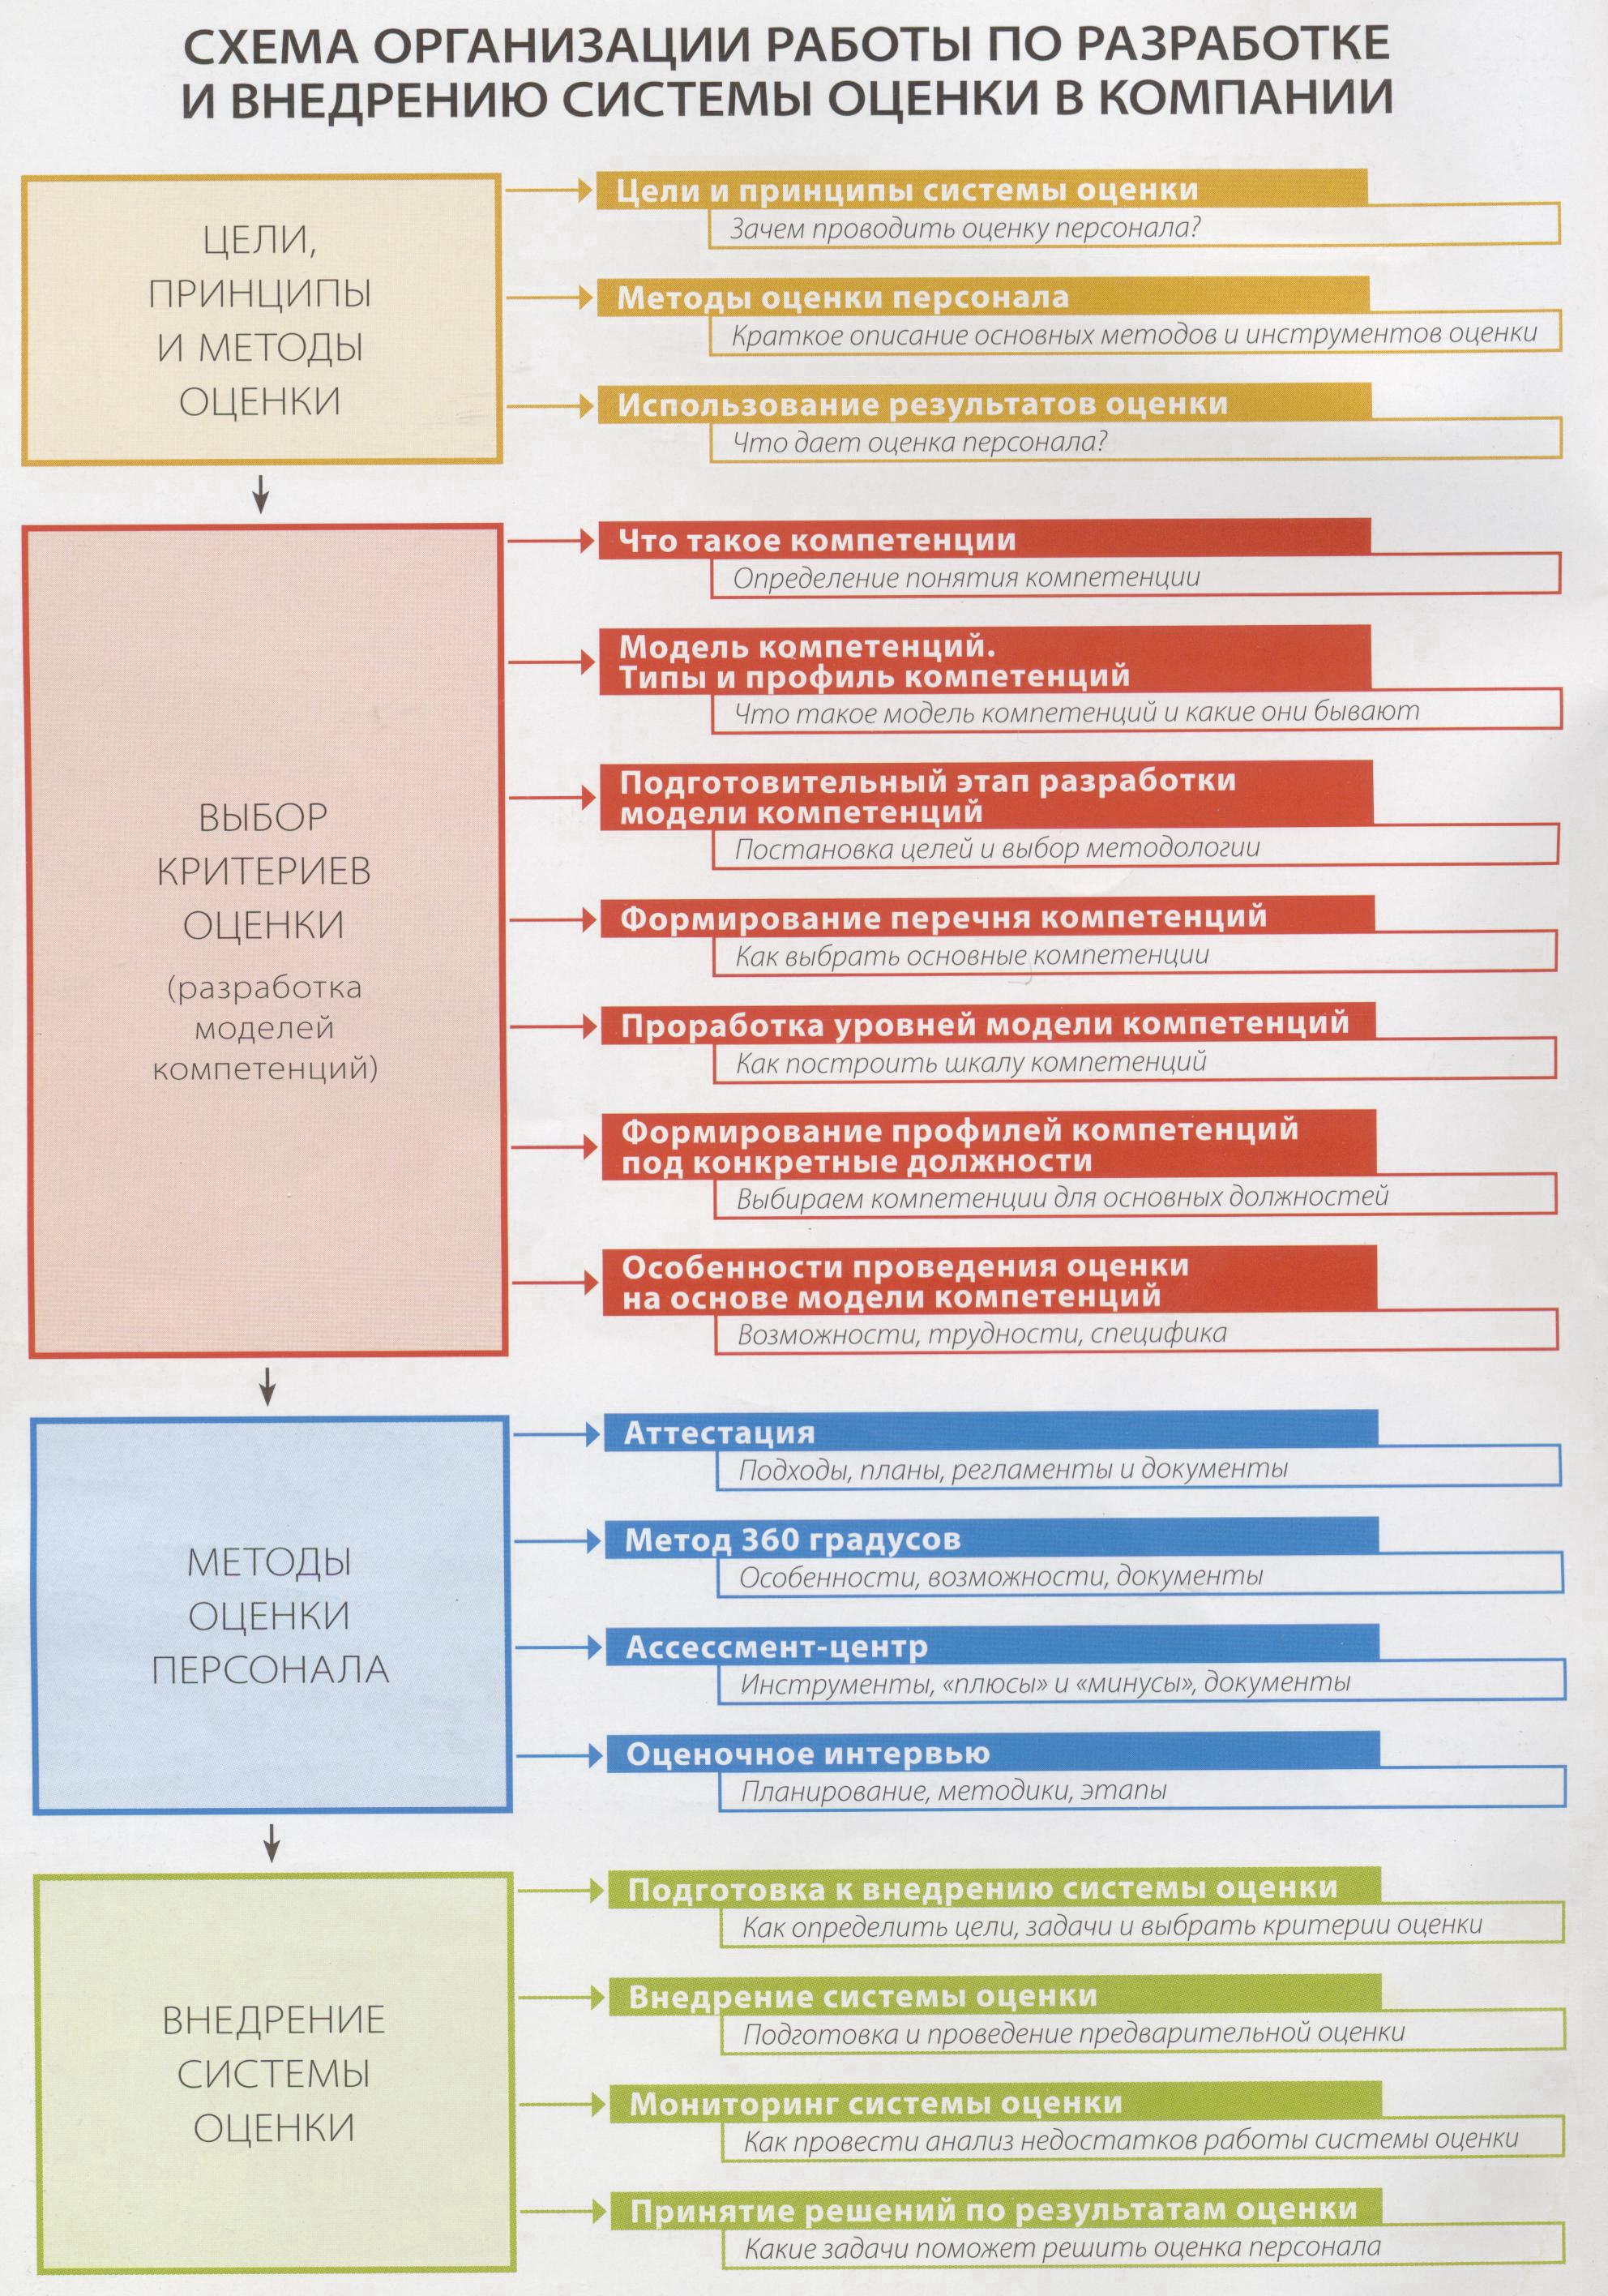 Методы оценки персонала в схеме